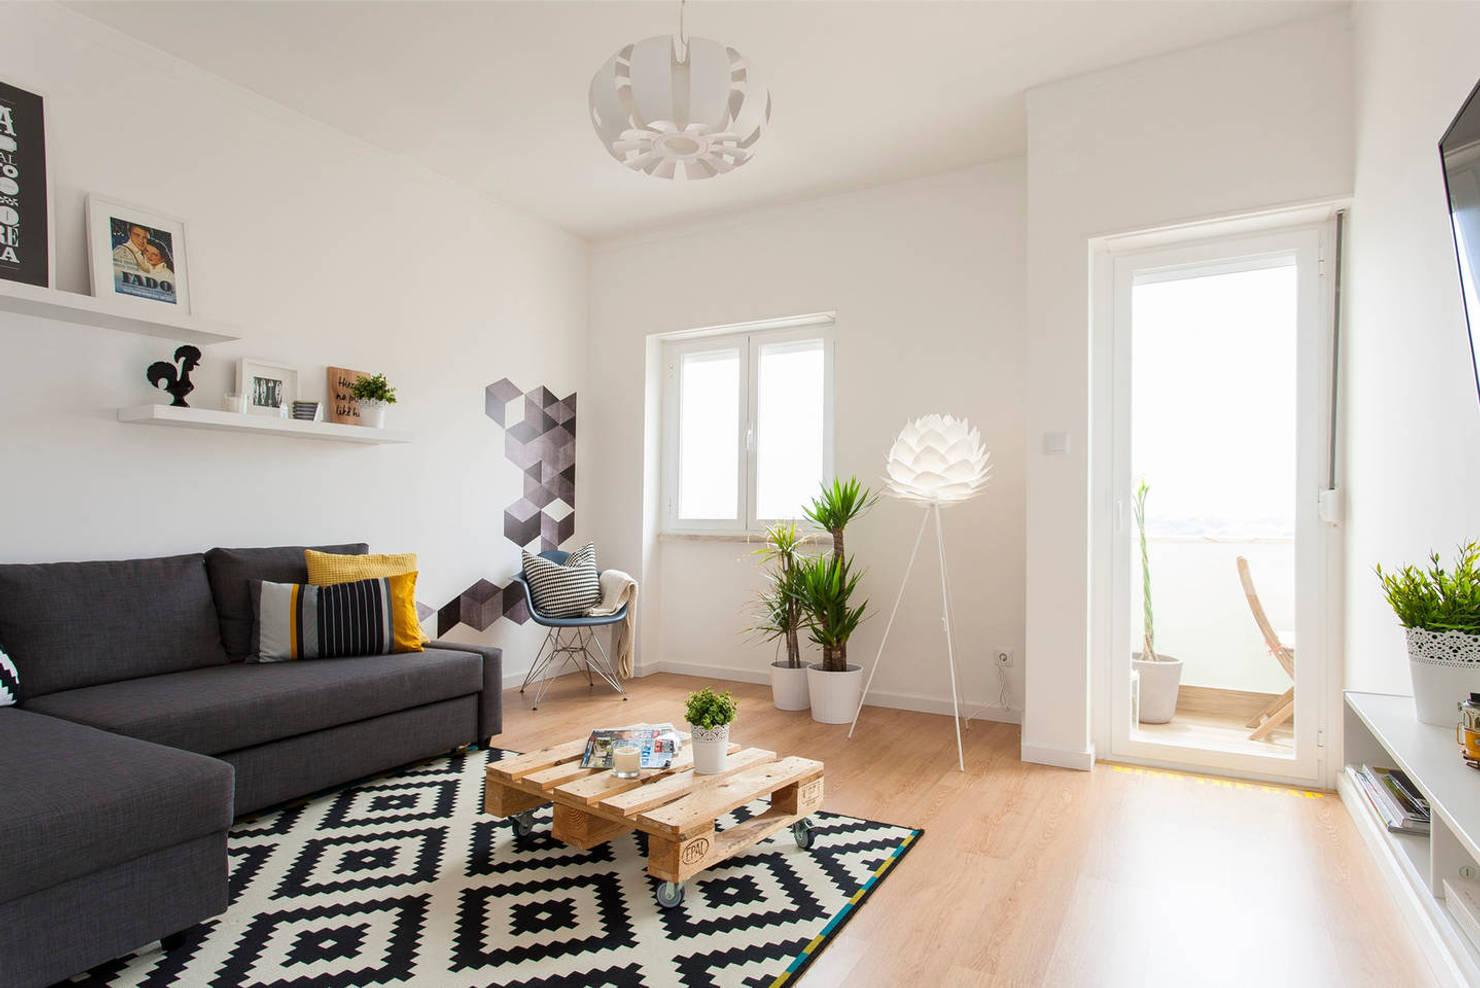 Un apartamento perfecto de 80 m² amueblado con IKEA